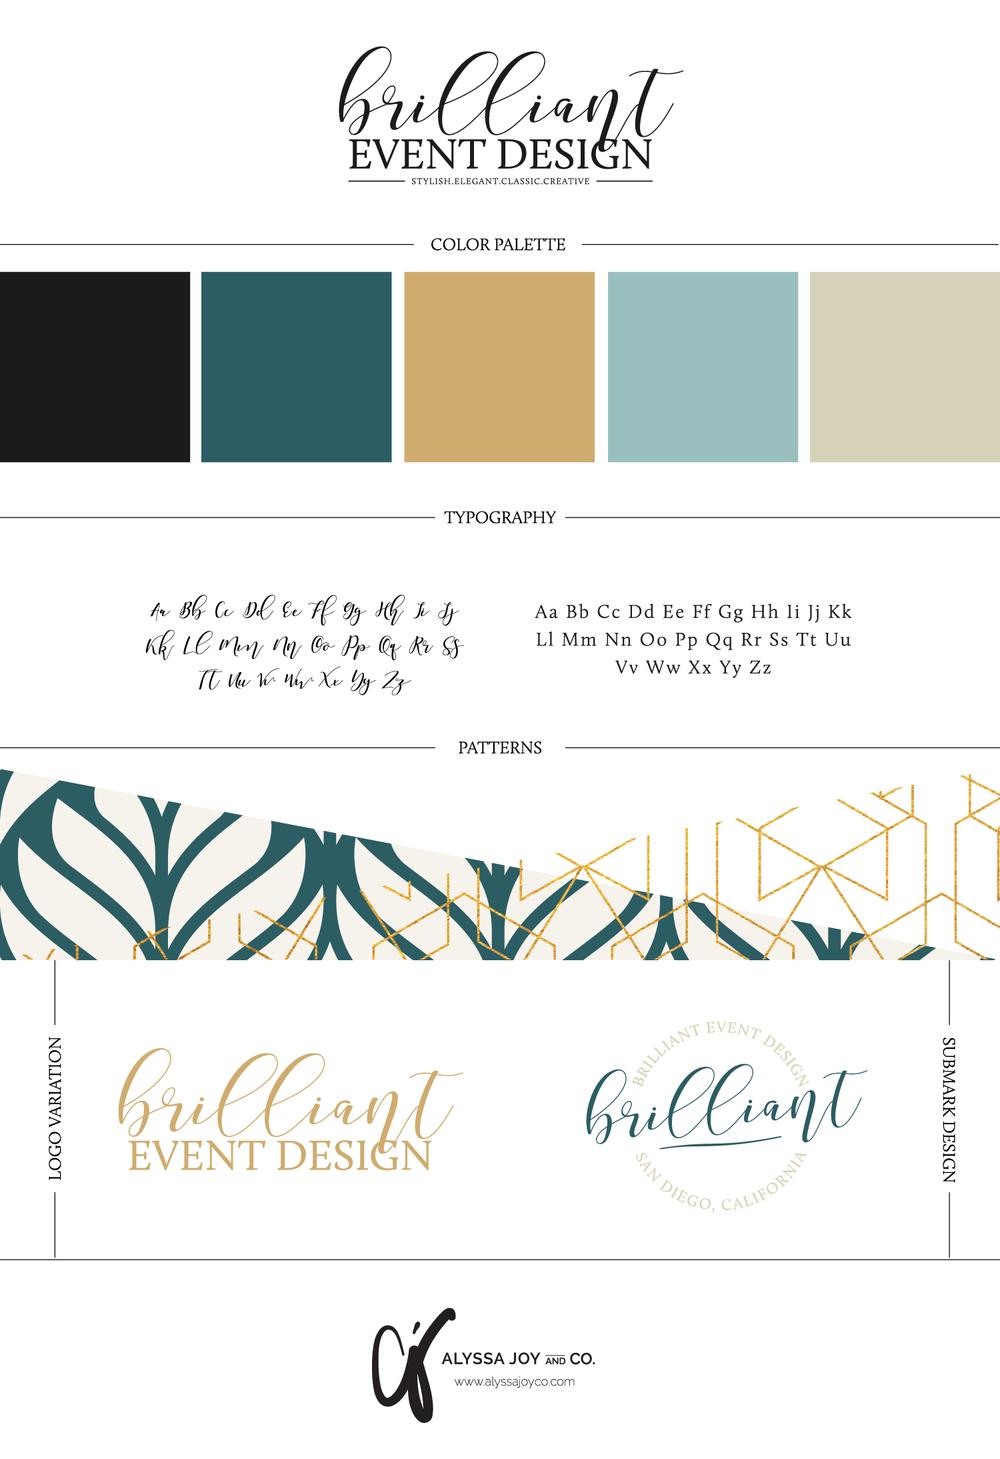 Alyssa Joy & Co. || Brilliant Event Design Brand Board